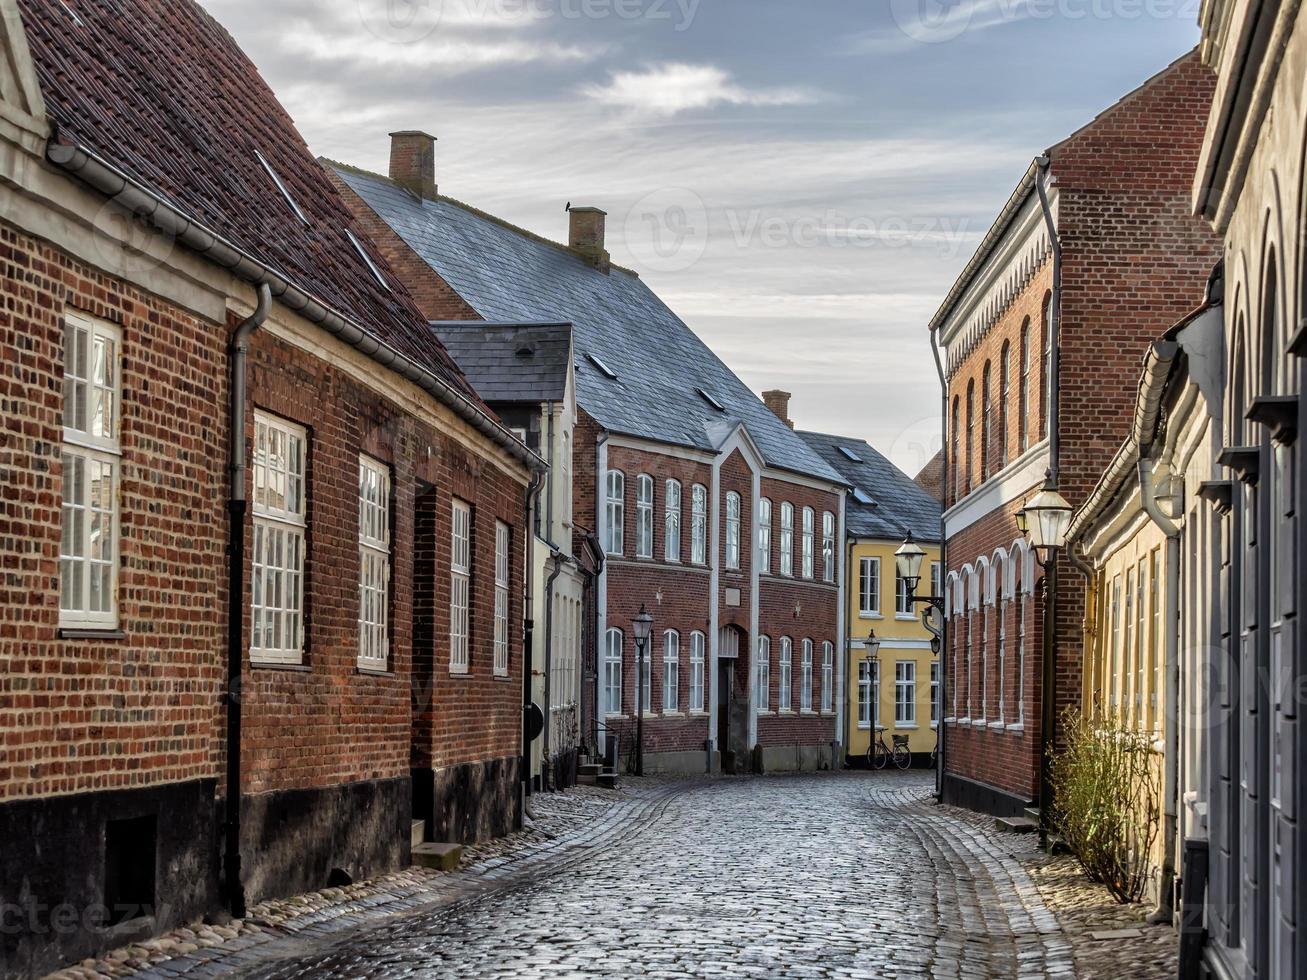 huizen op geplaveide straten in Ribe, Denemarken foto